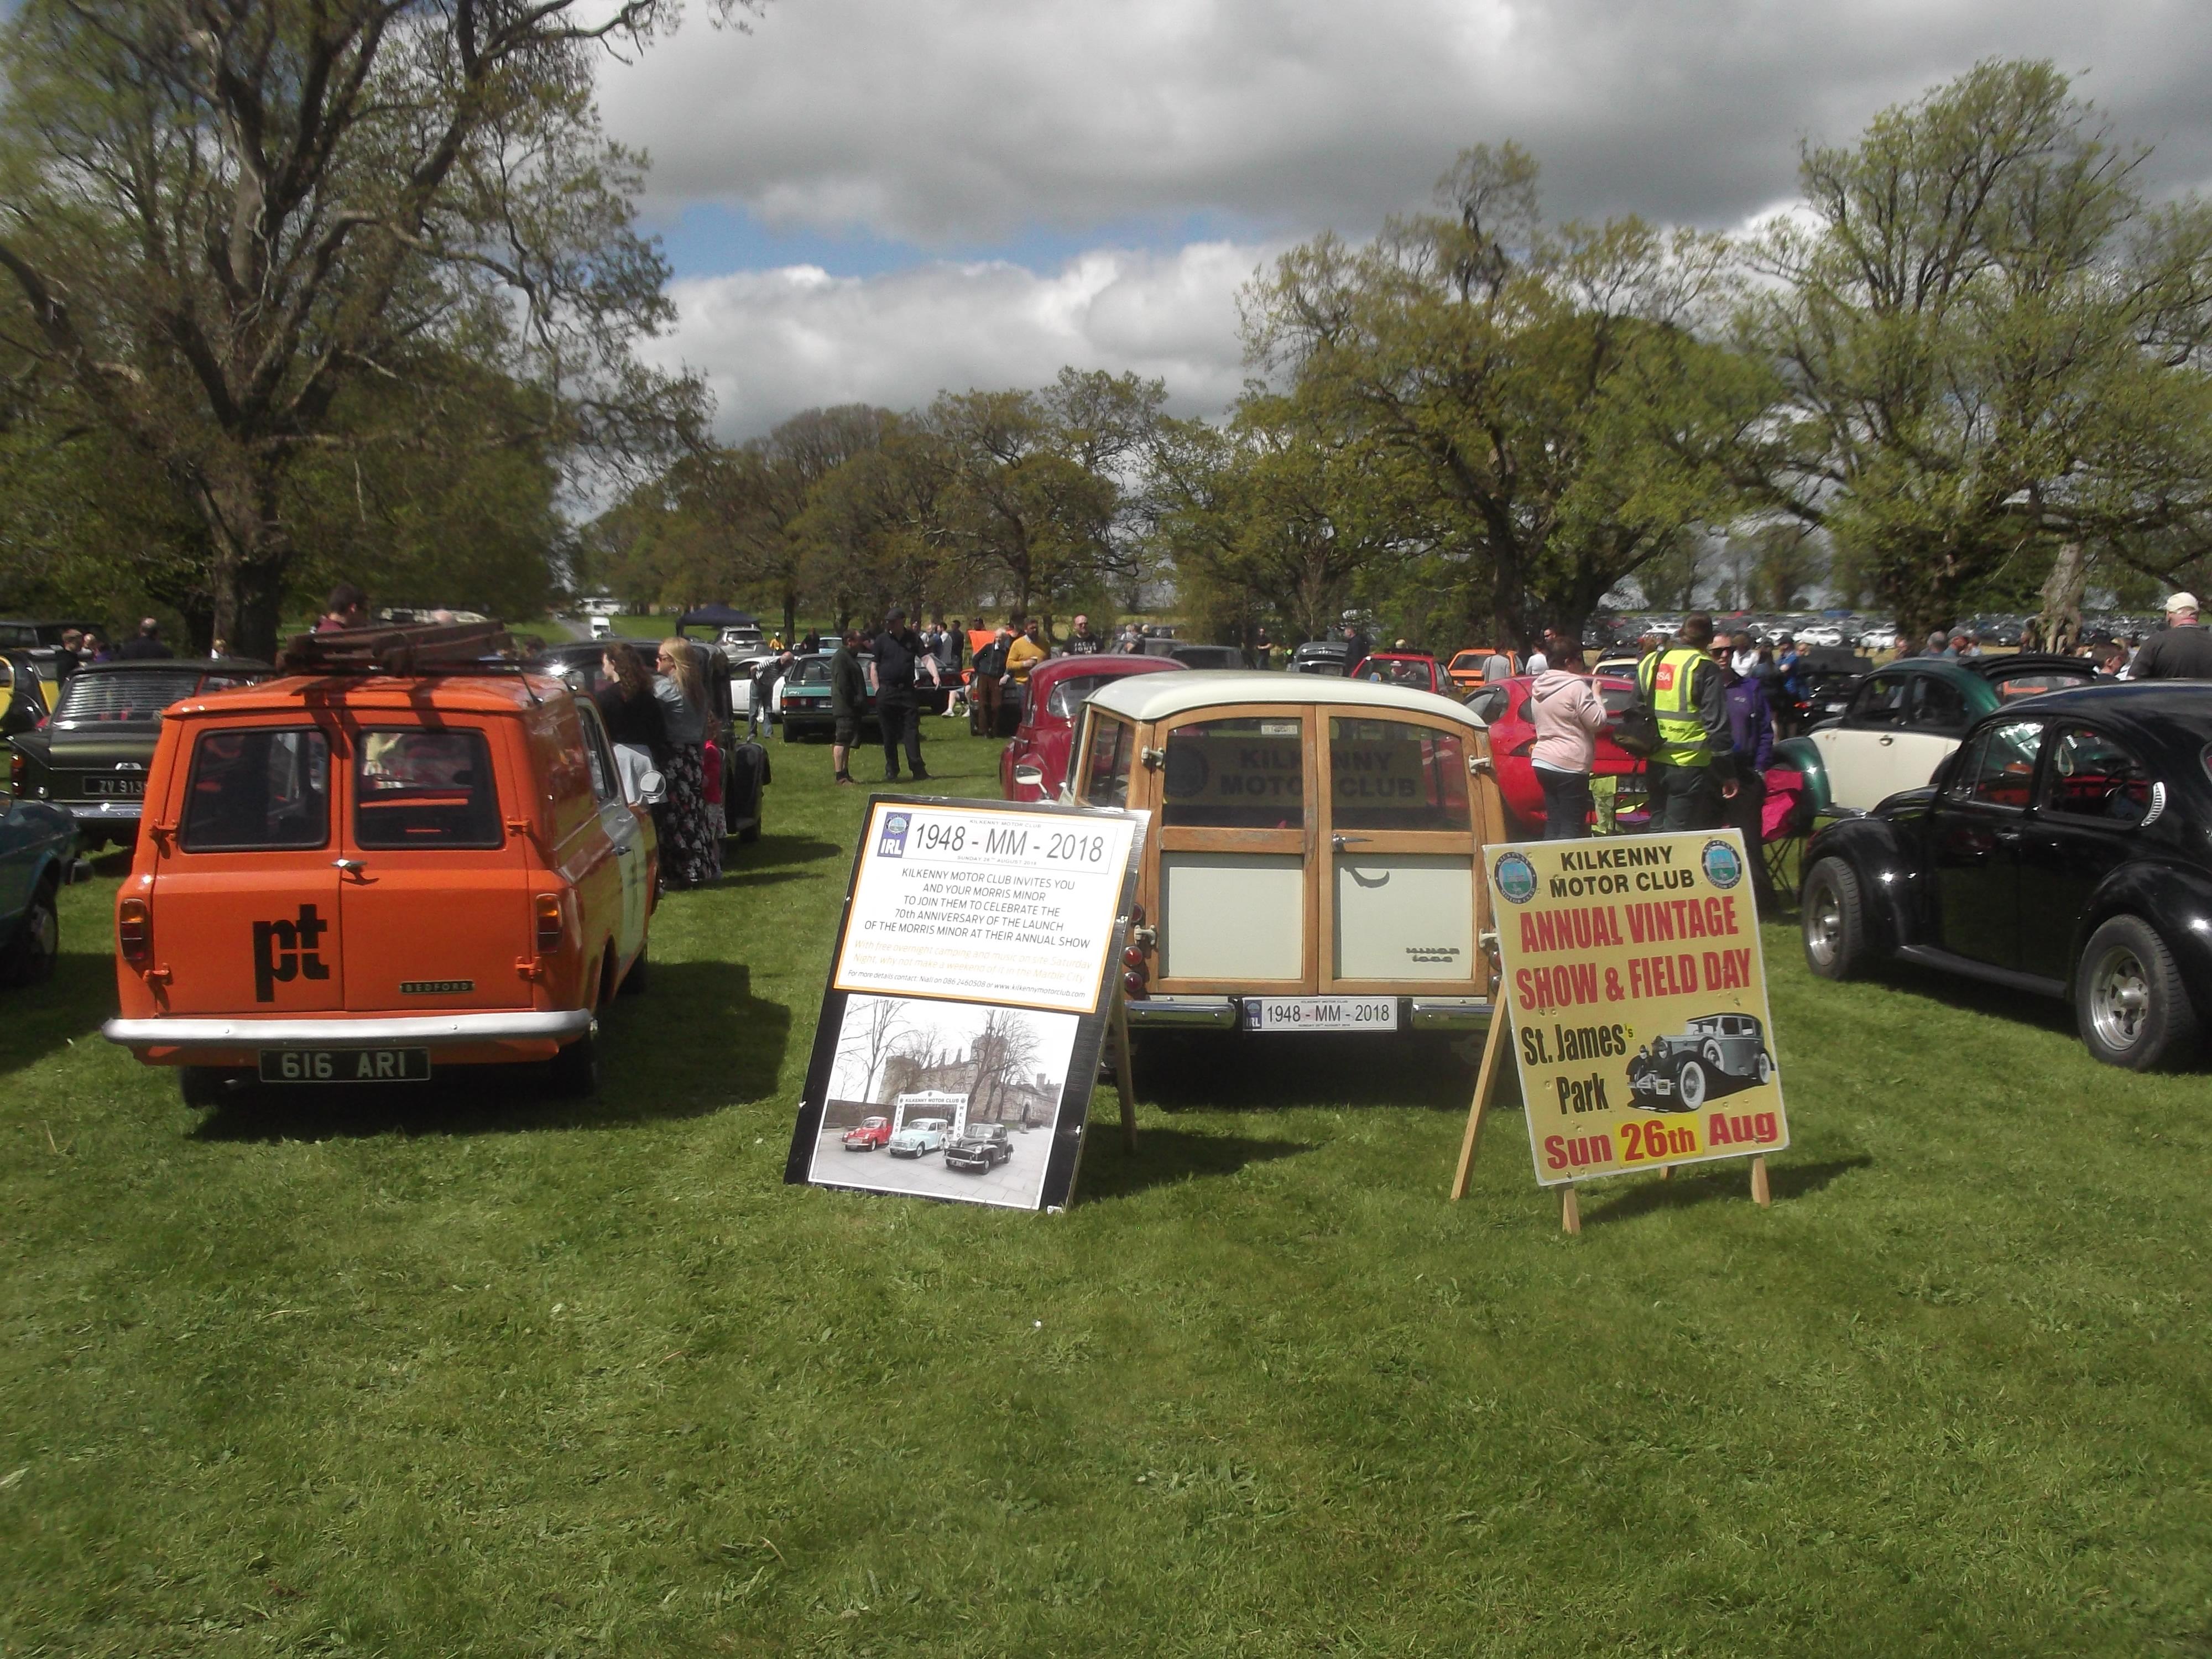 Kilkenny Motor Club Vintage Car Club Kilkenny Ireland WELLS - Bedford car show 2018